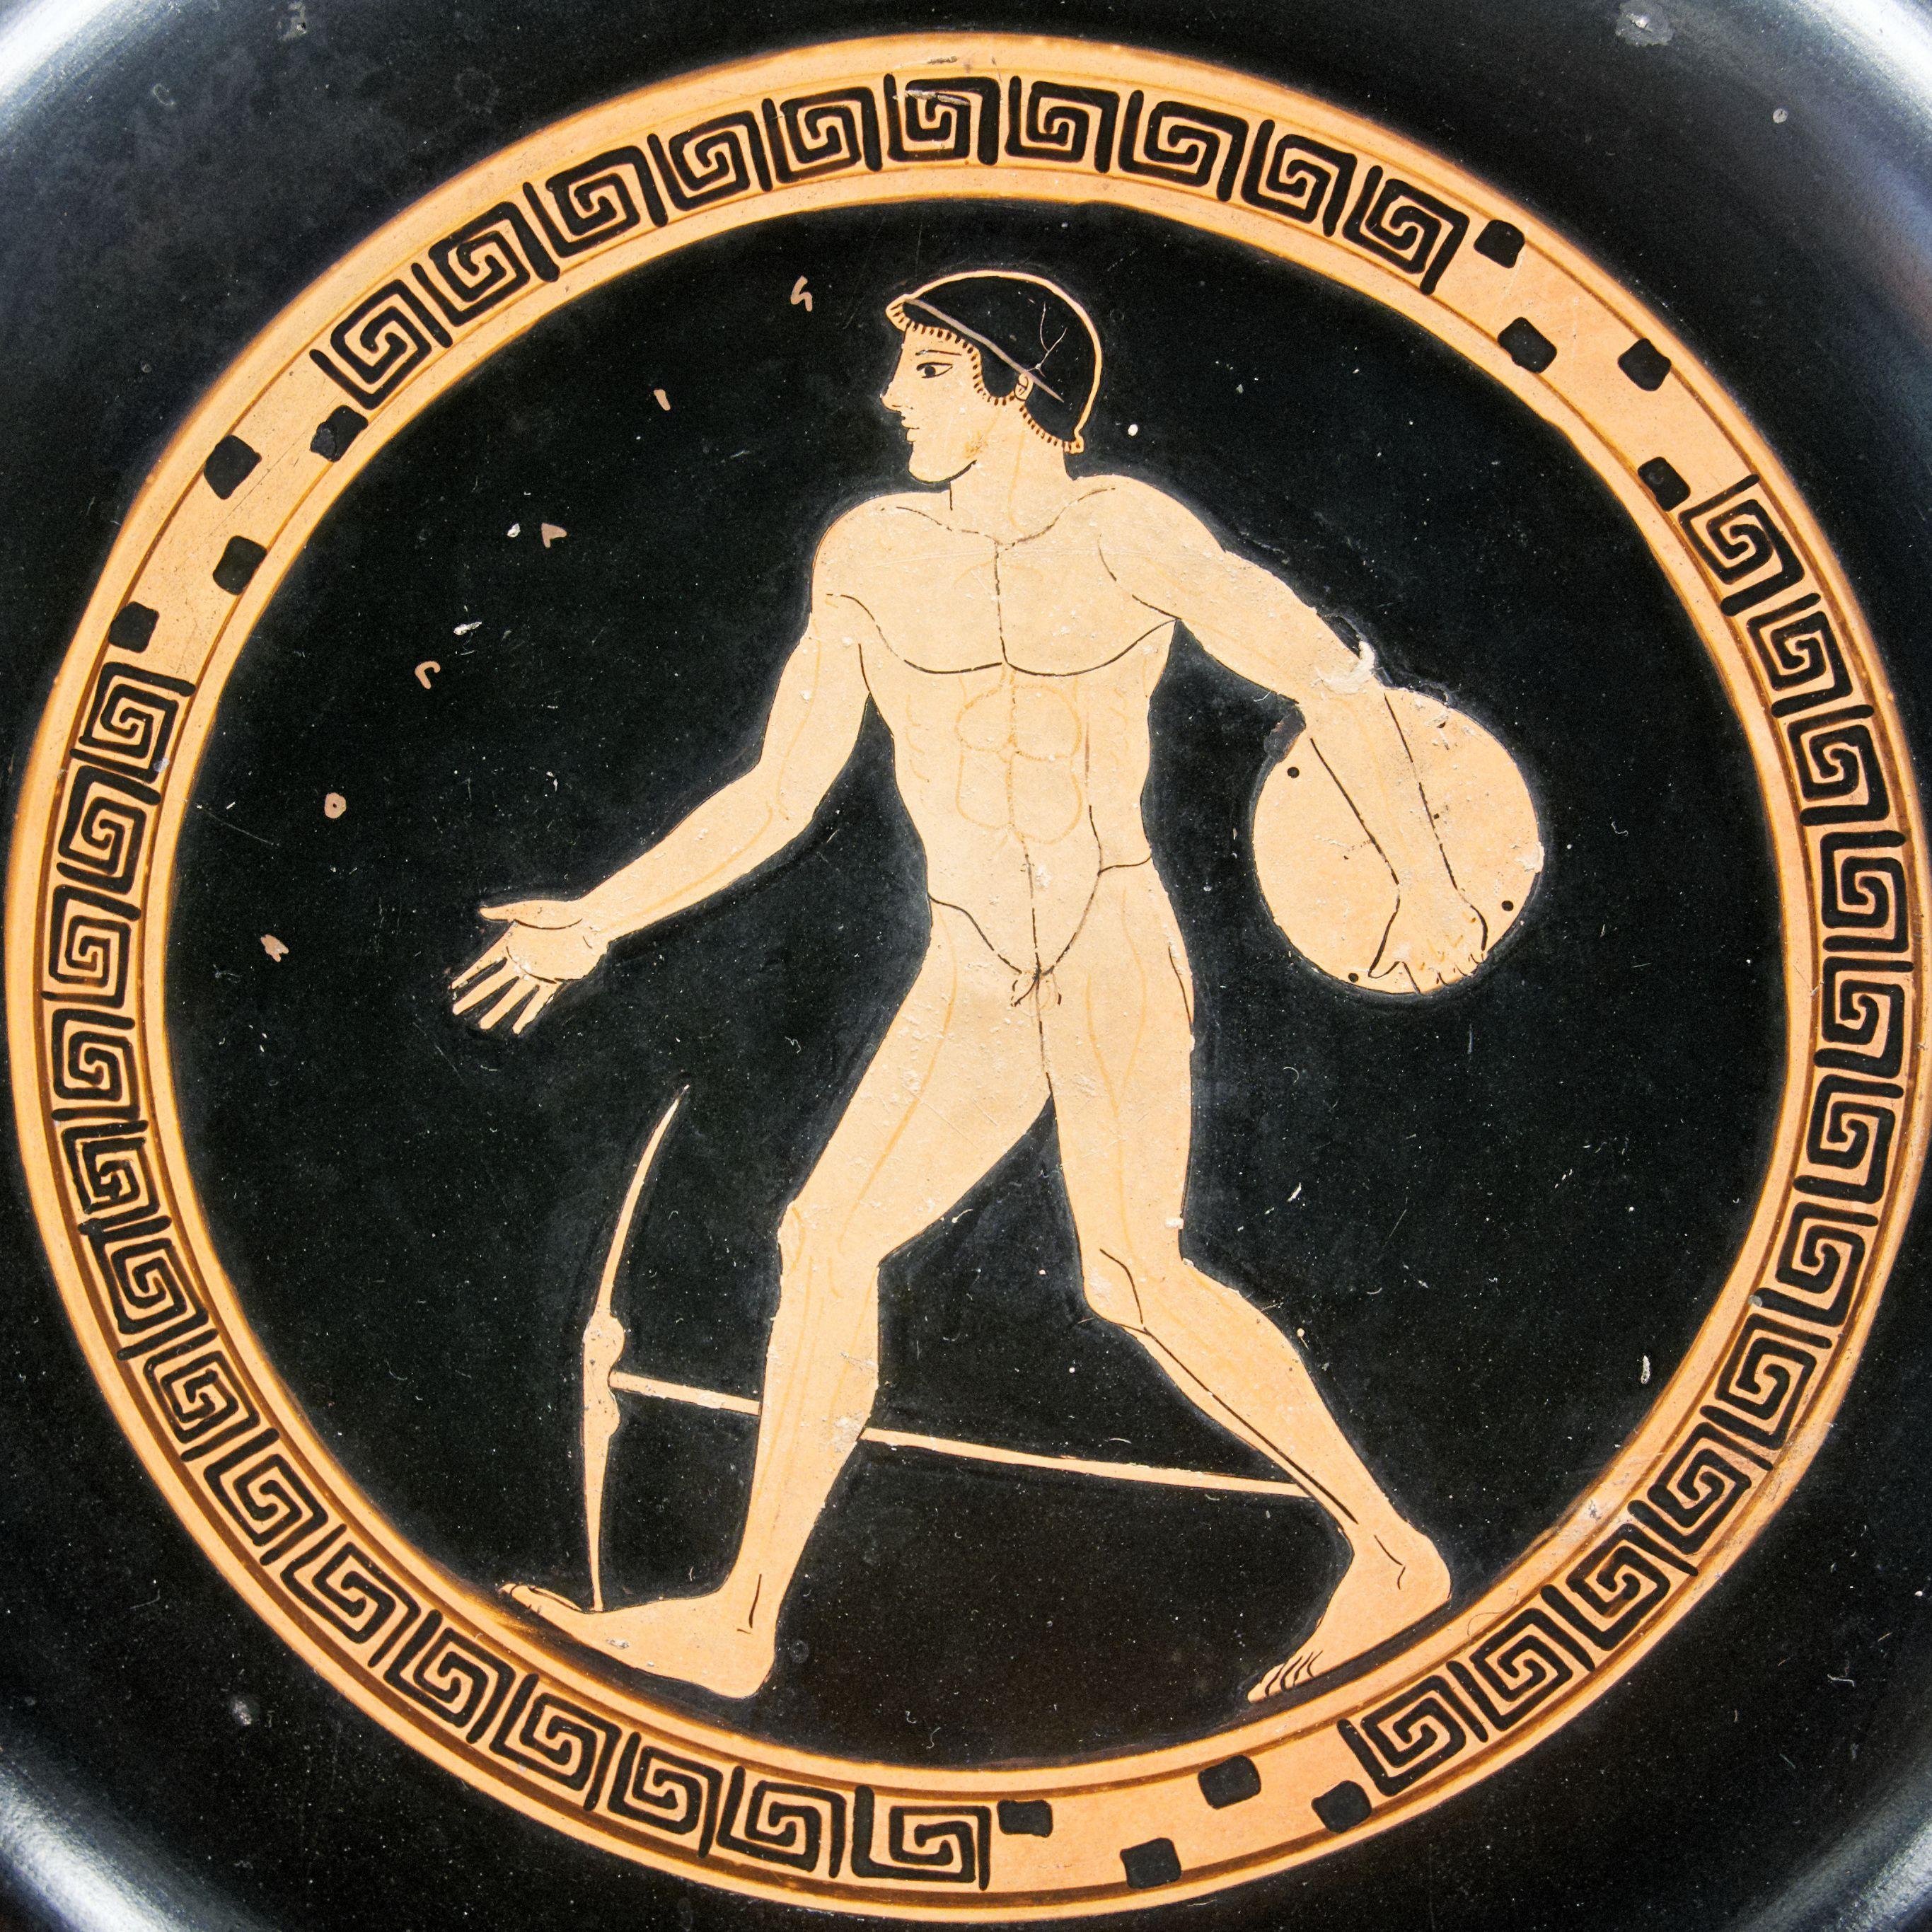 Juegos Olimpicos Antiguos Cosas Que No Sabias De Ellos